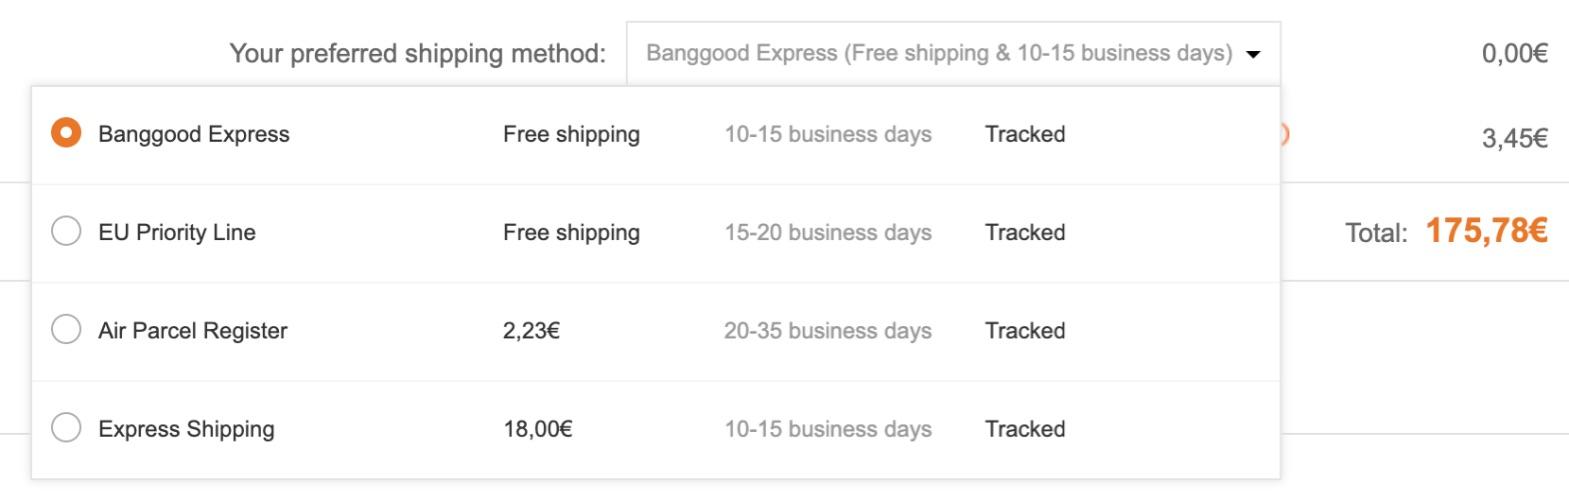 Banggood Express Shipping Method